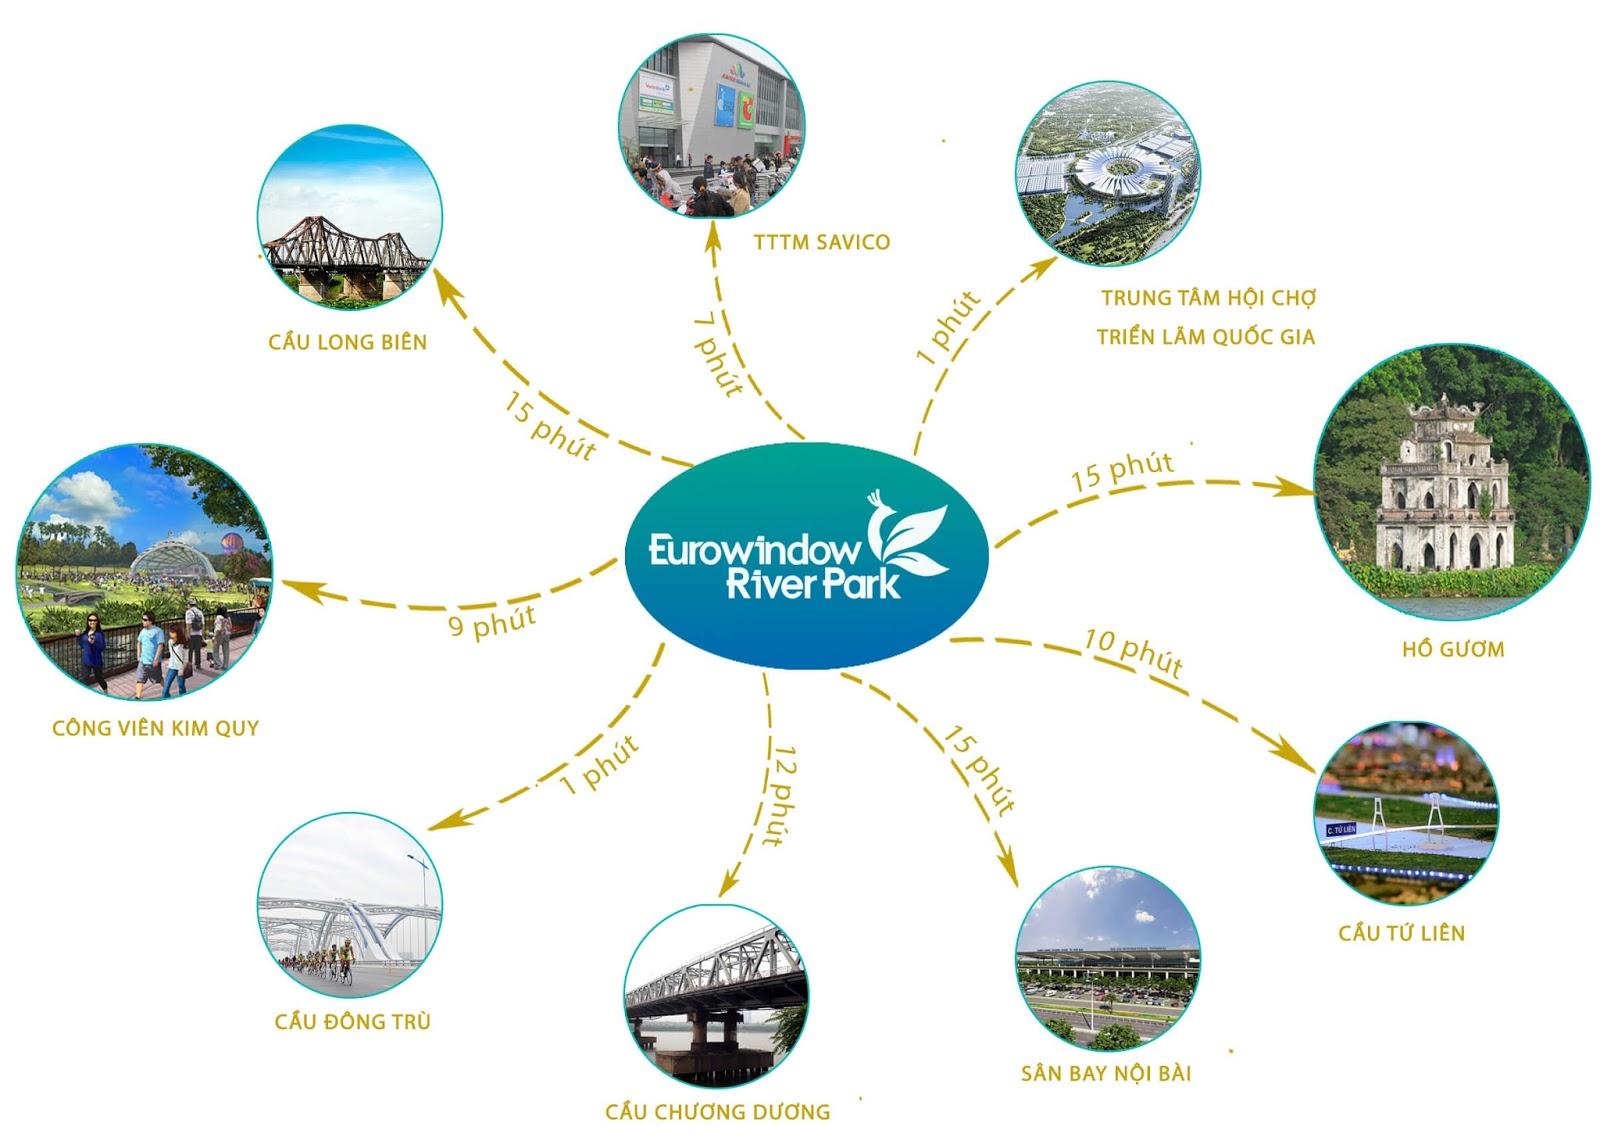 Liên kết vùng tiện ích tại dự án Eurowindow Đông Trù